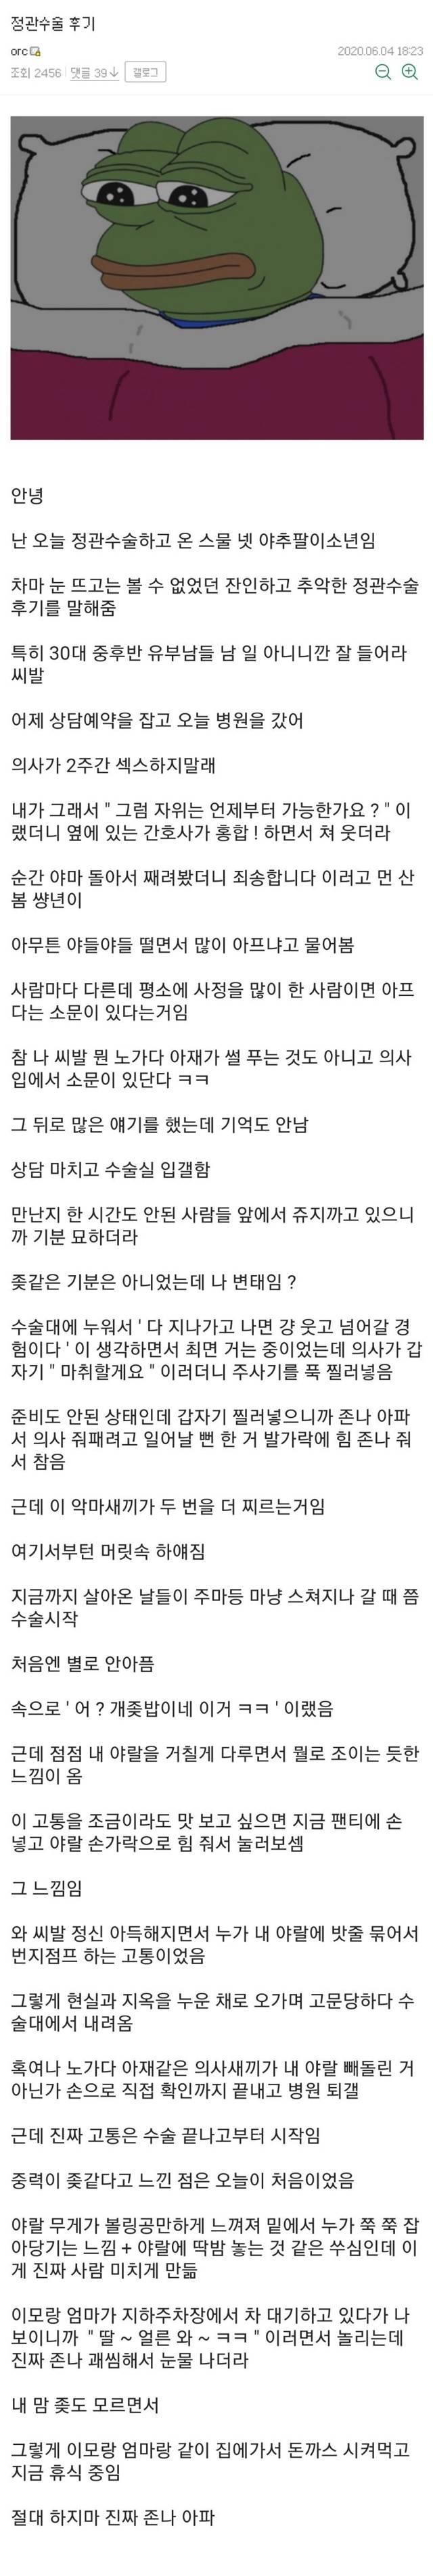 24살 정관수술 후기.jpg | 인스티즈